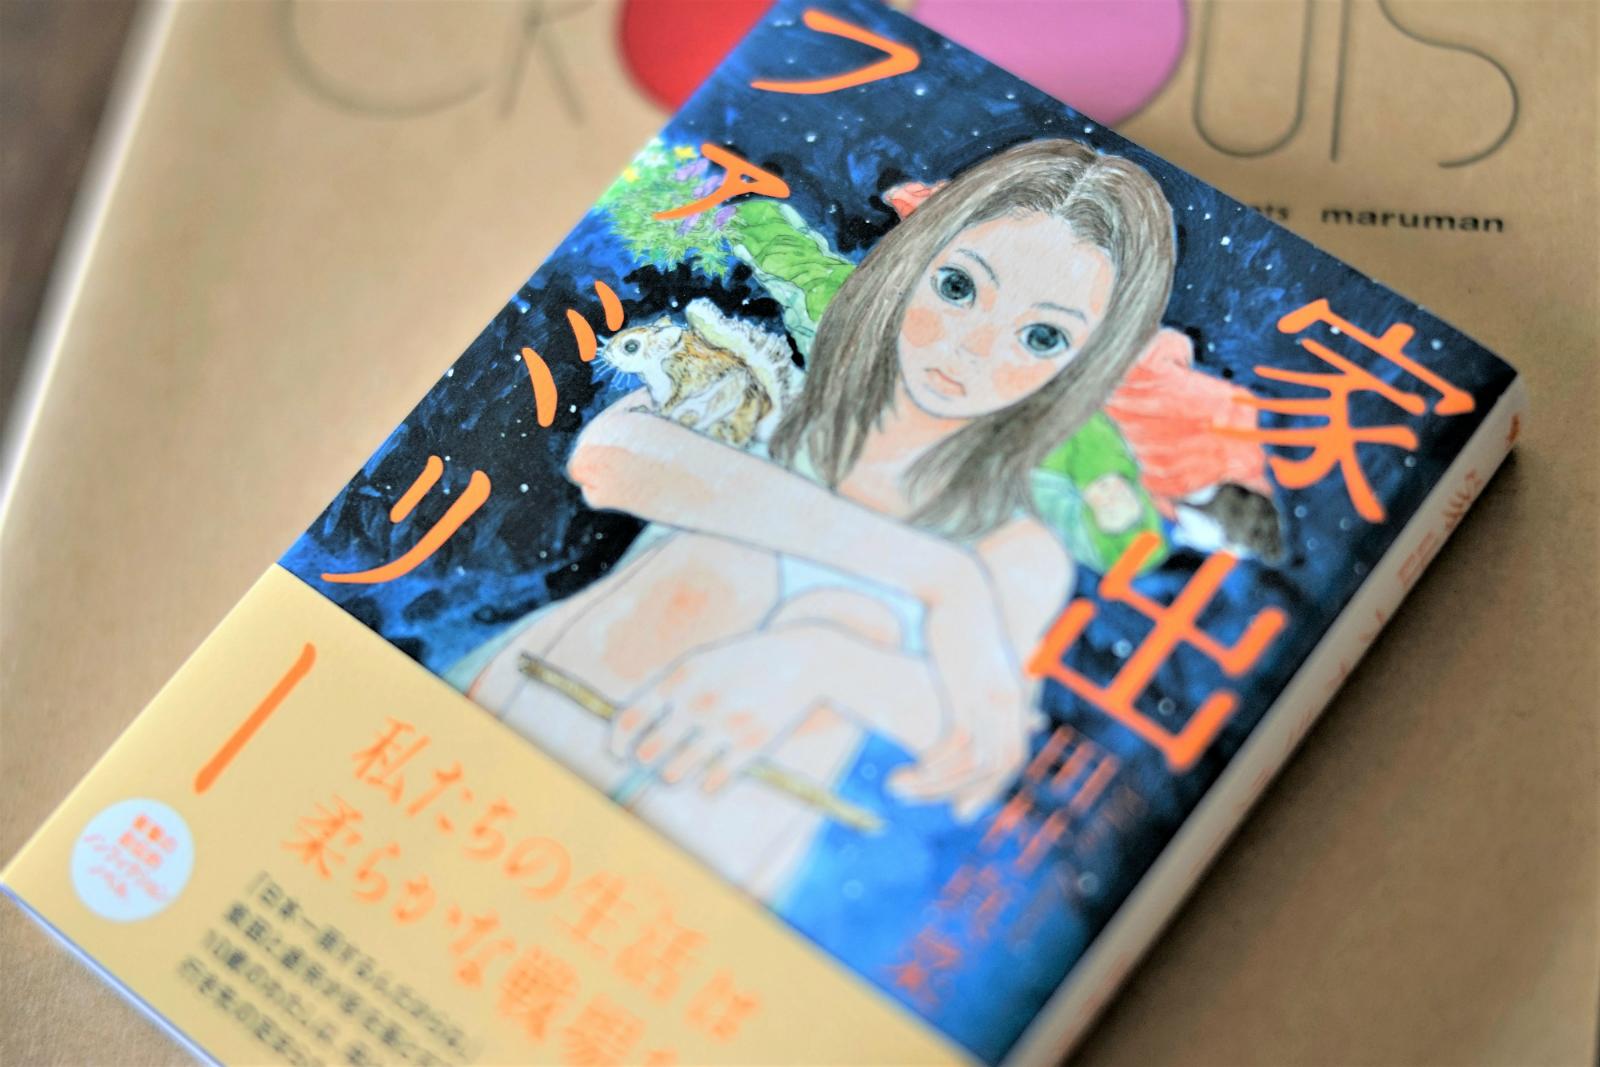 田村真菜さんの自伝的ノンフィクション・ノベル「家出ファミリー」